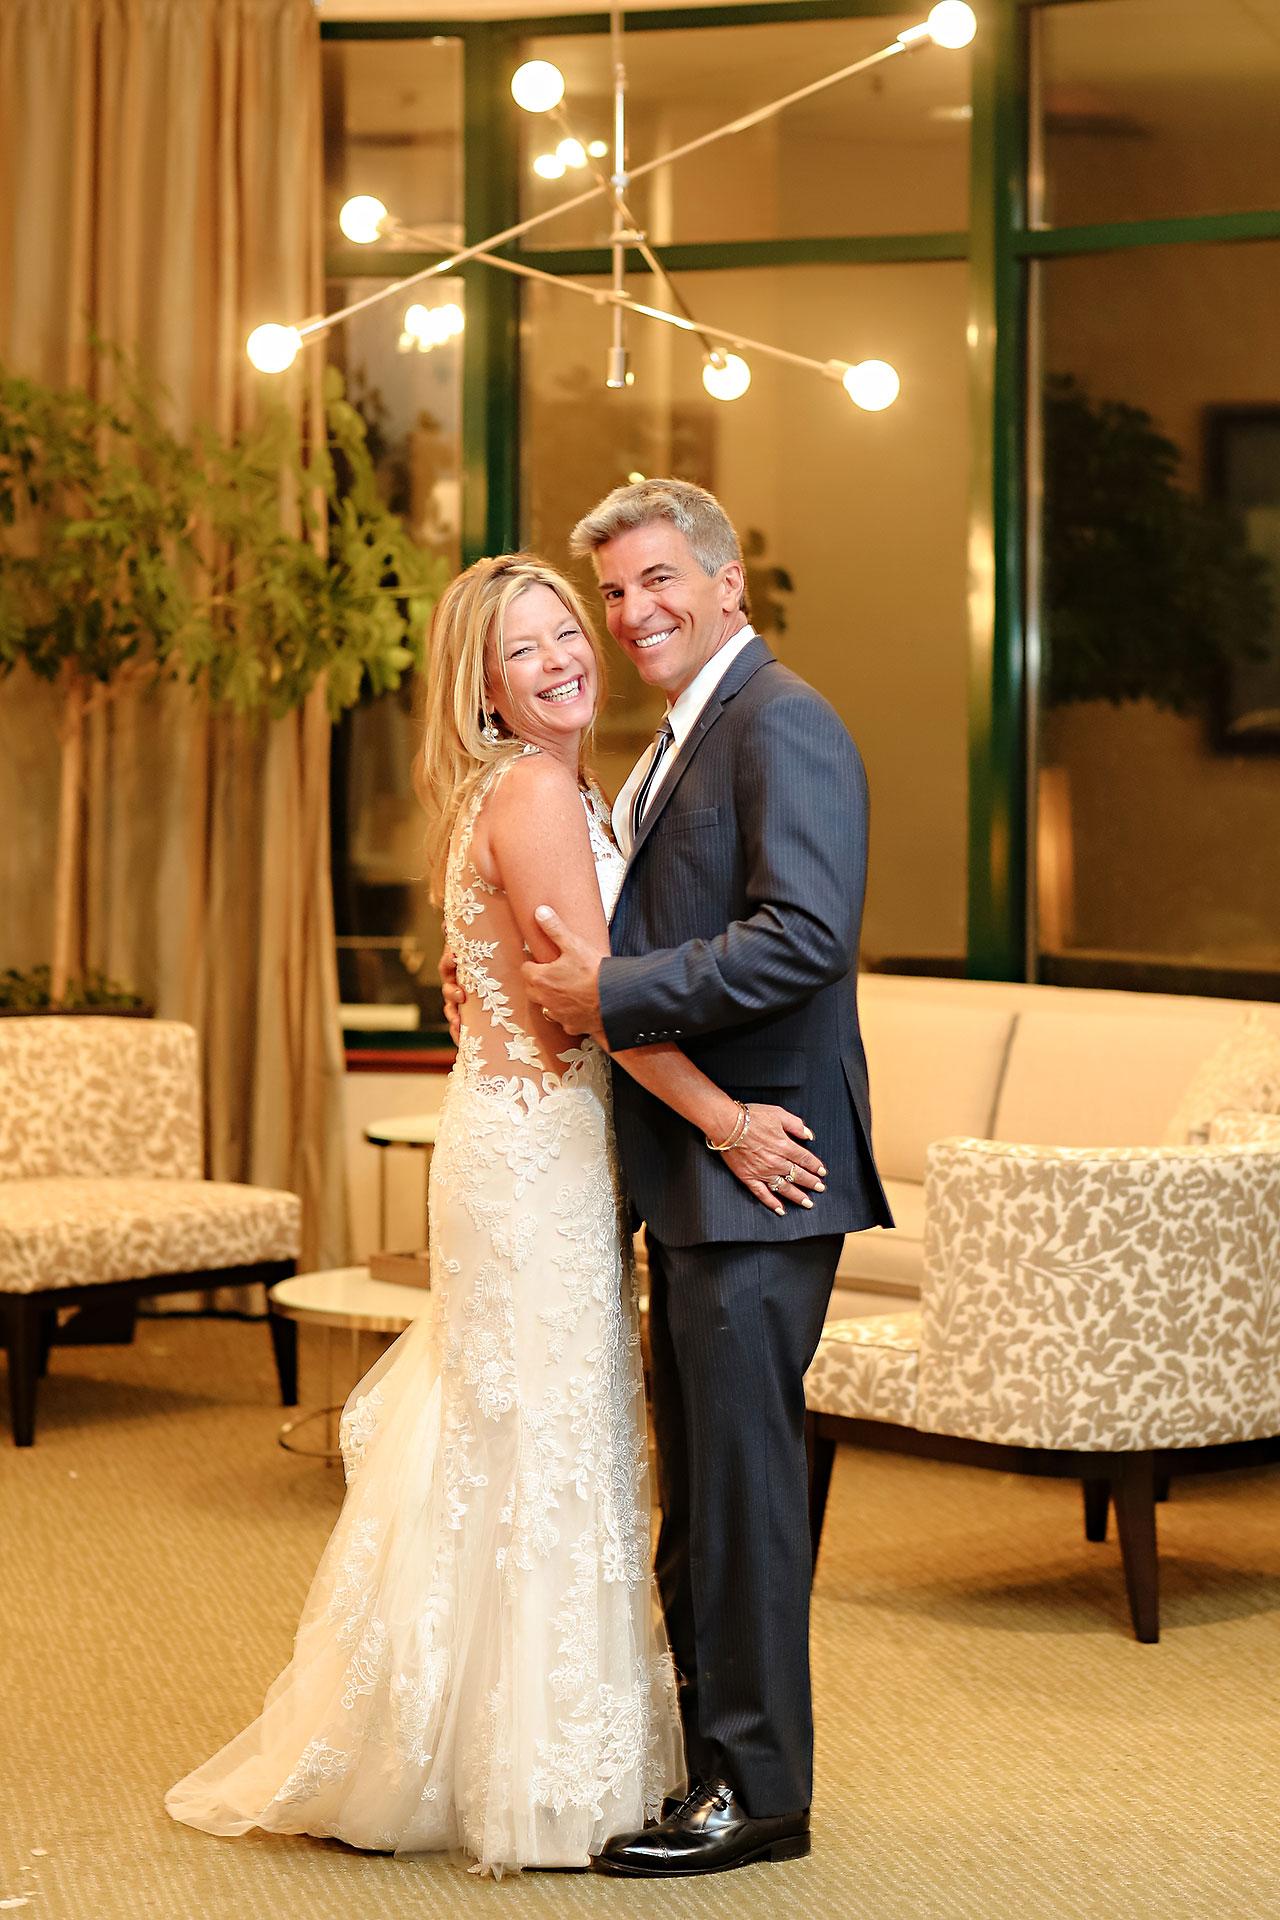 Rhonda Jeff Montage Indianapolis Wedding Reception 045